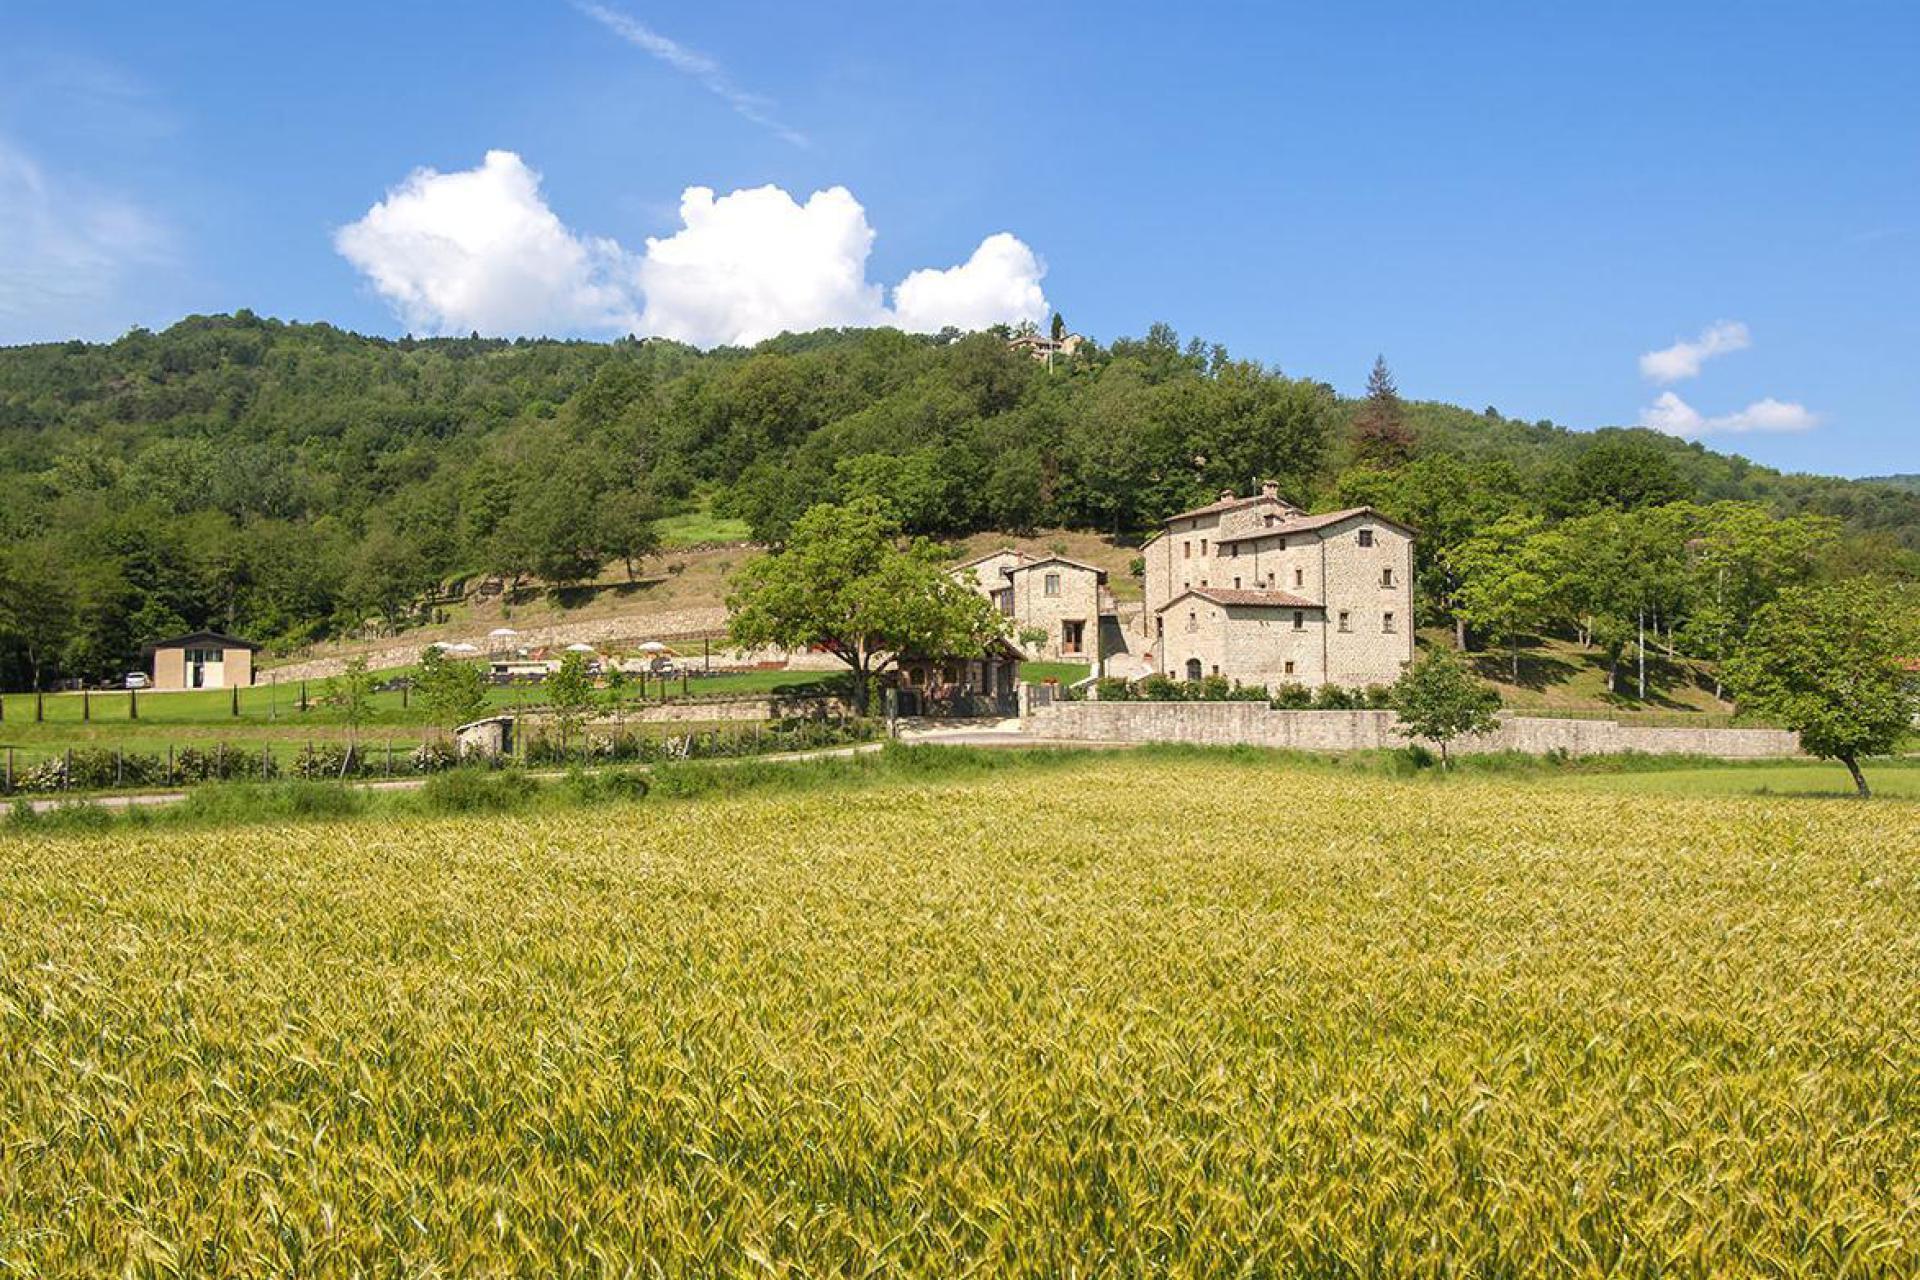 Agriturismo Toskana Agriturismo Toskana, ruhig gelegen und mit schöner Aussicht